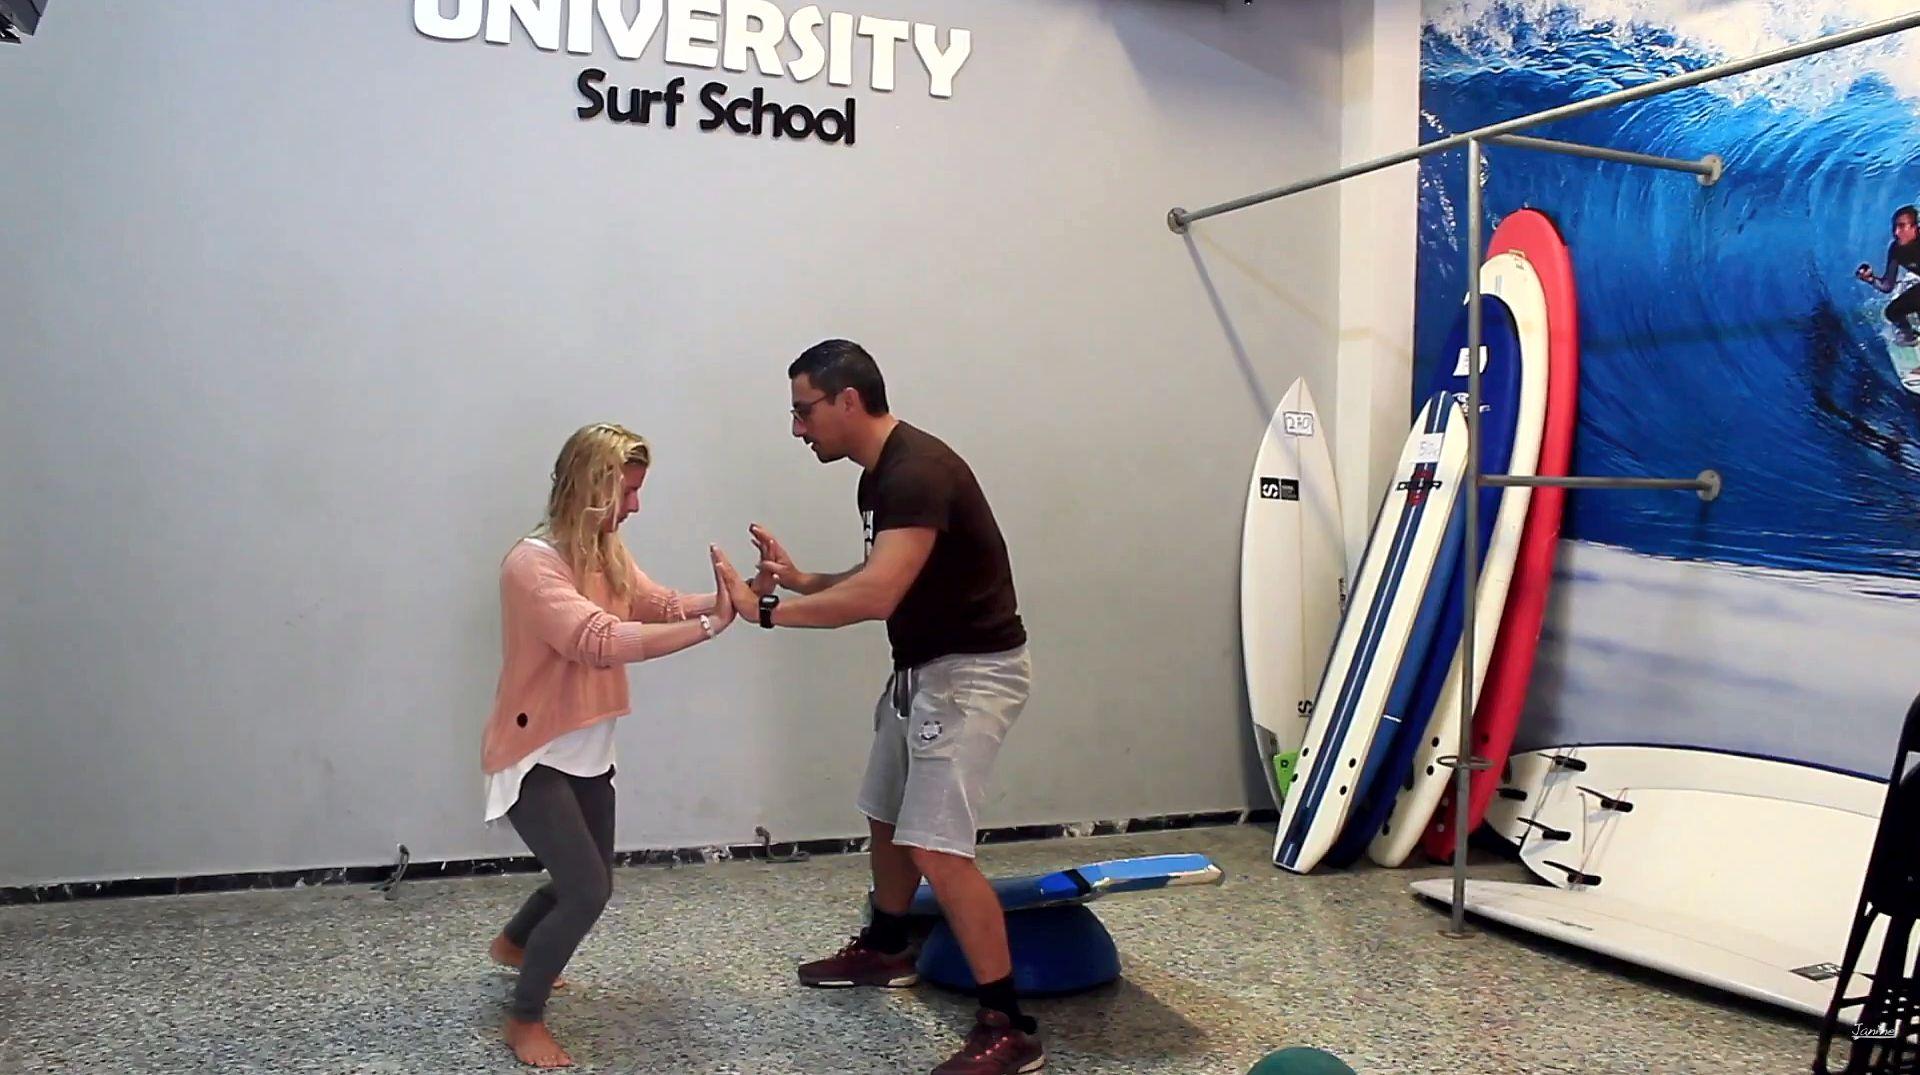 University Surf School - Besser Surfen